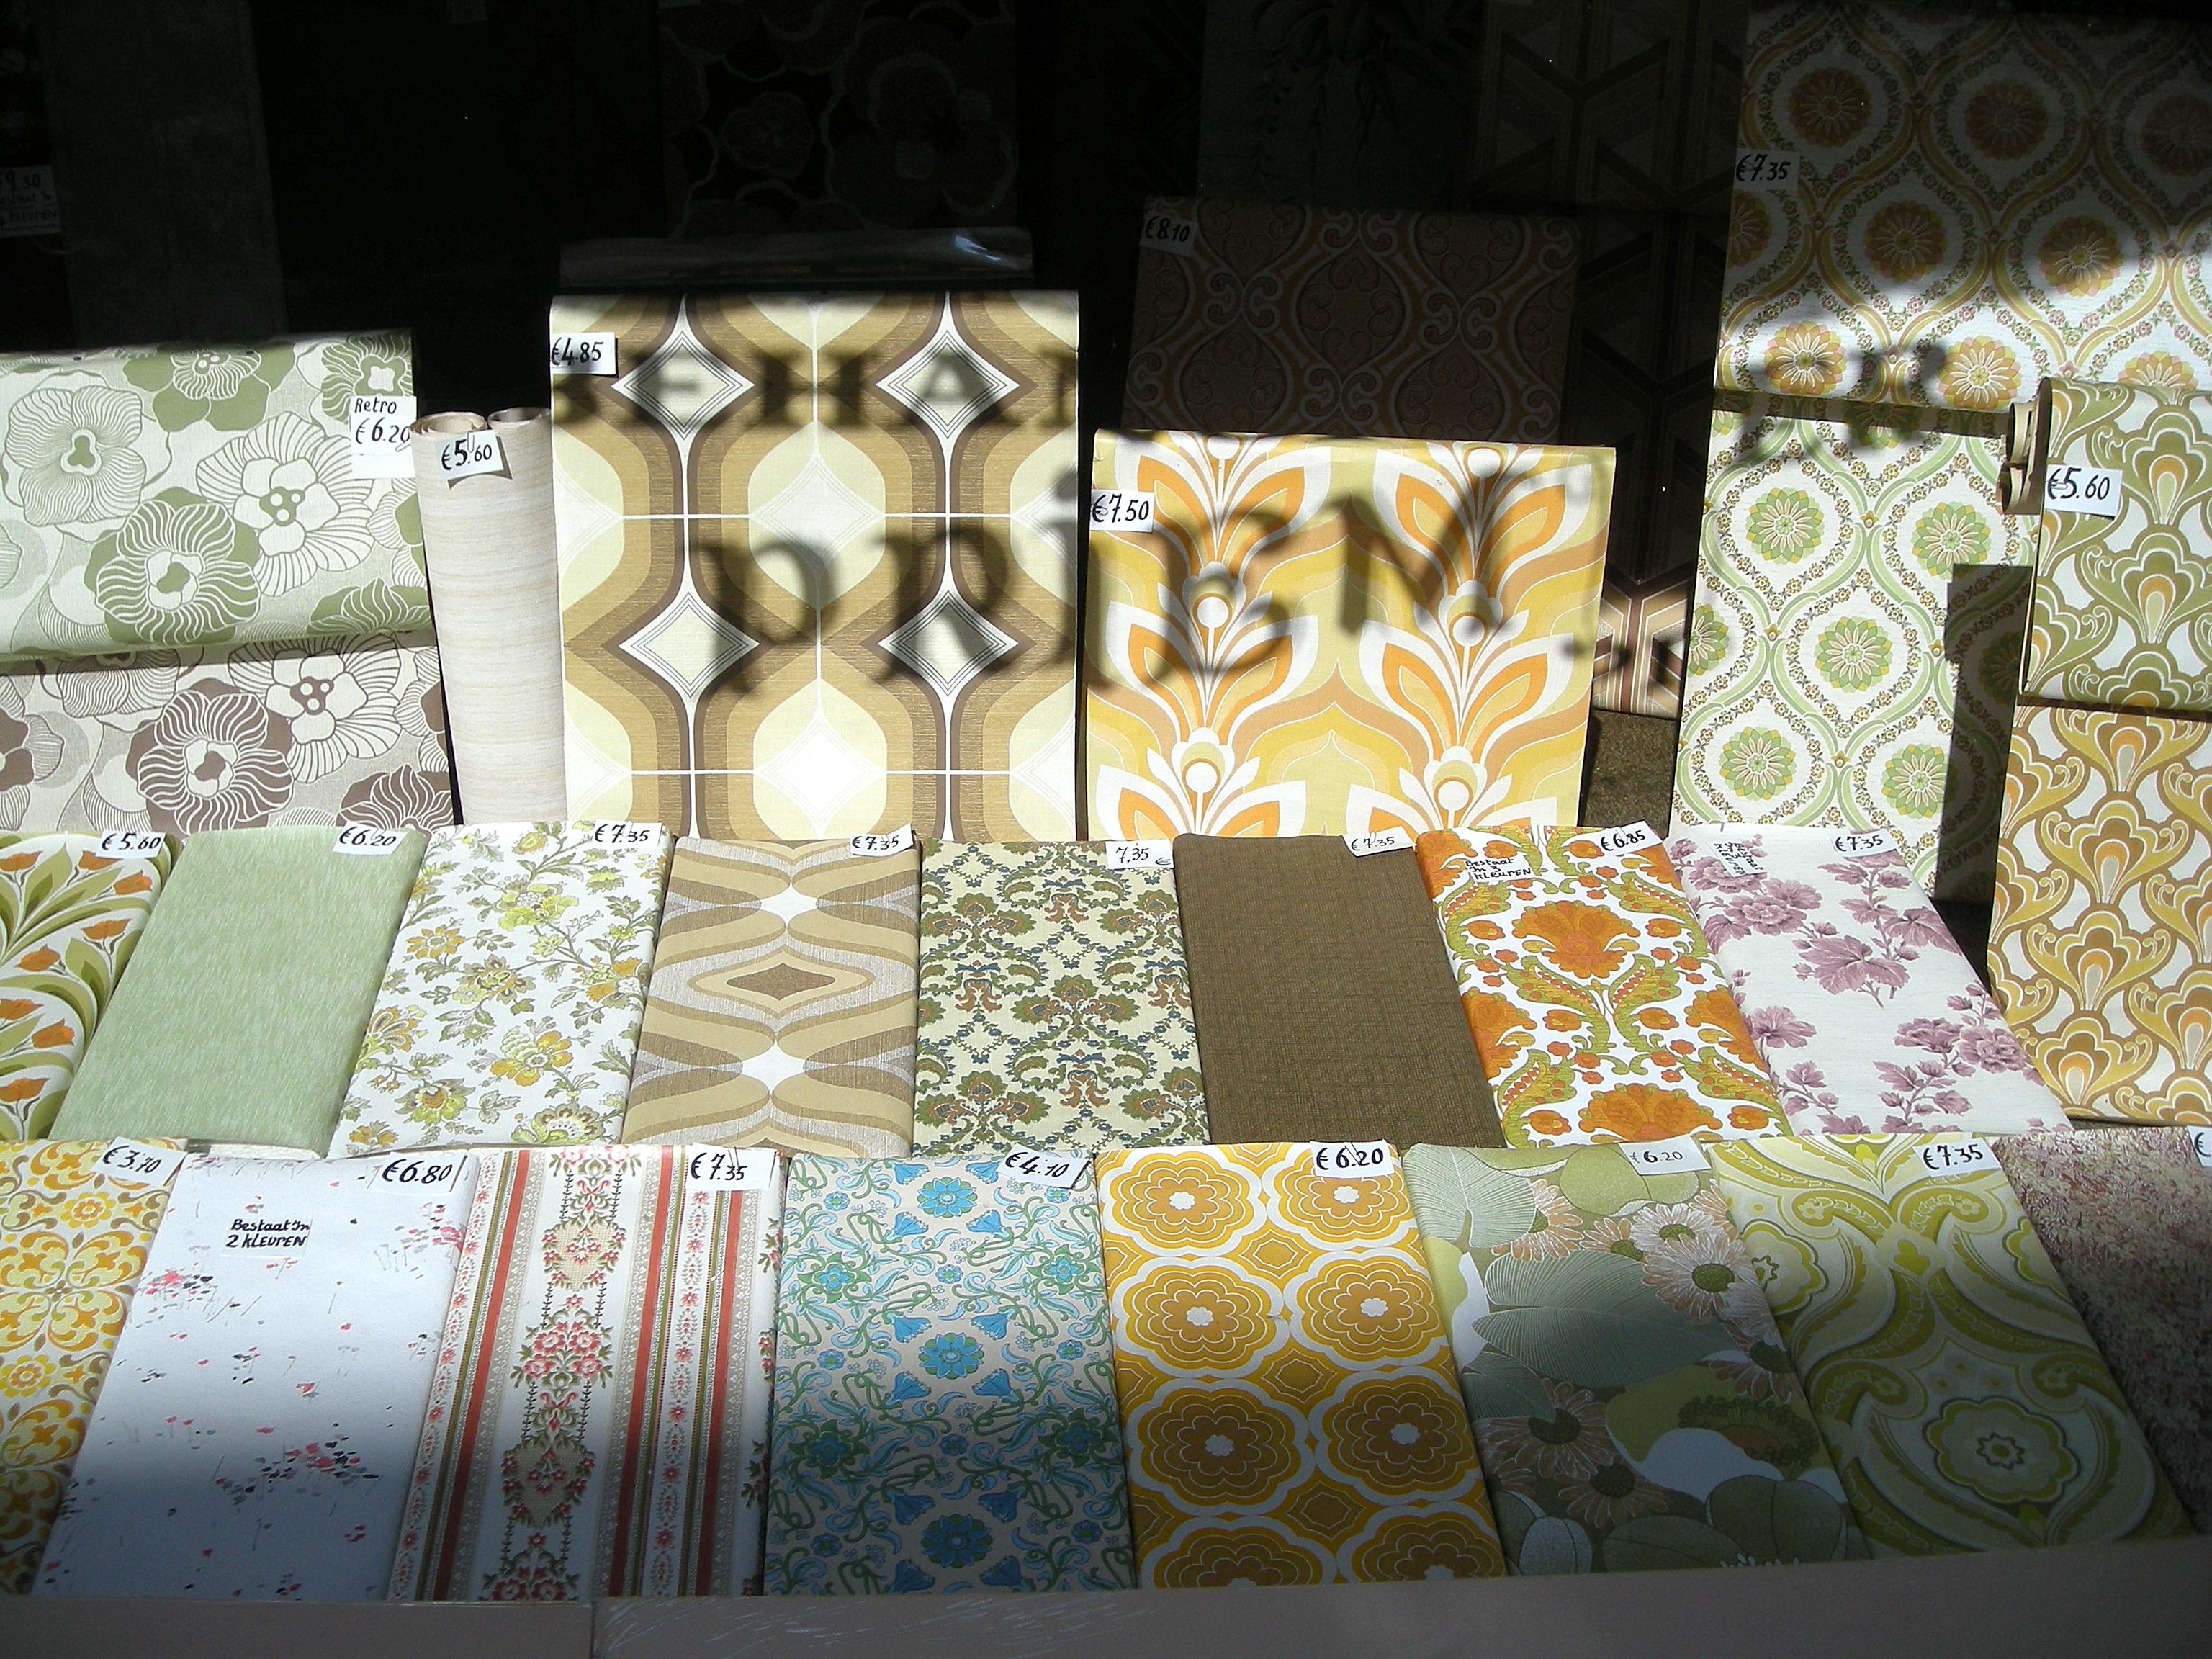 Bande Papier Peint Salon papier peint — wikipédia